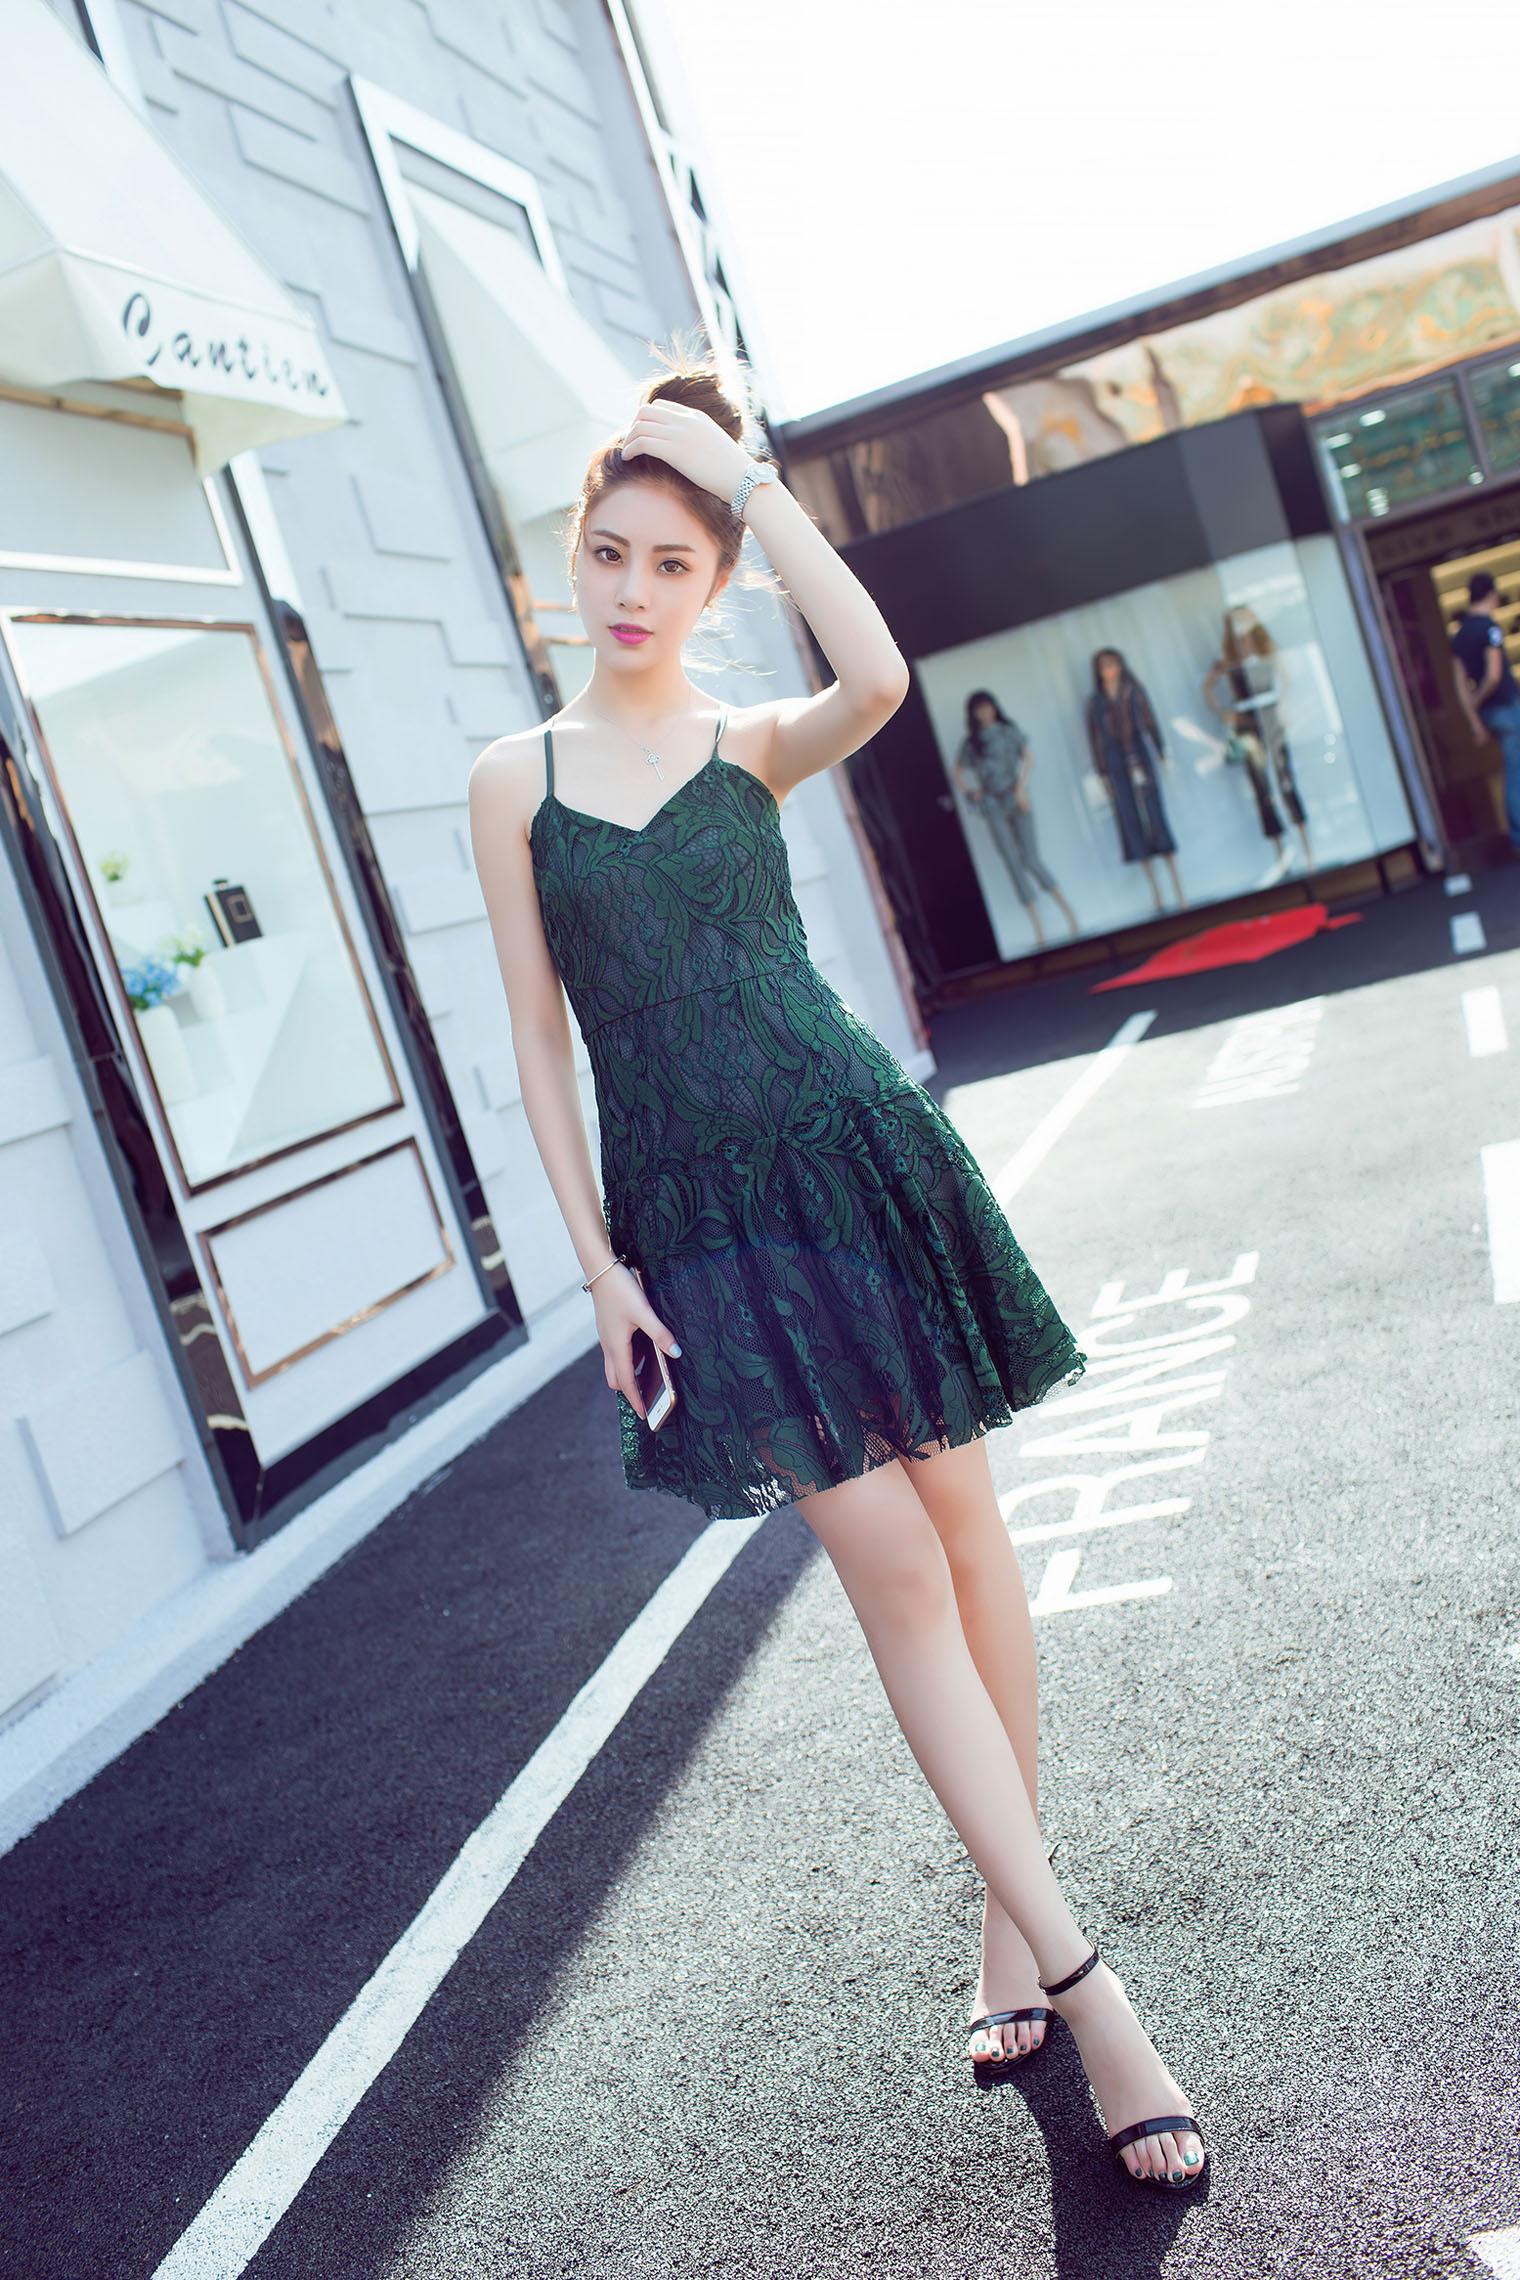 白皙漂亮嫩模-菲儿 5 - 1505147909 - 太阳的博客